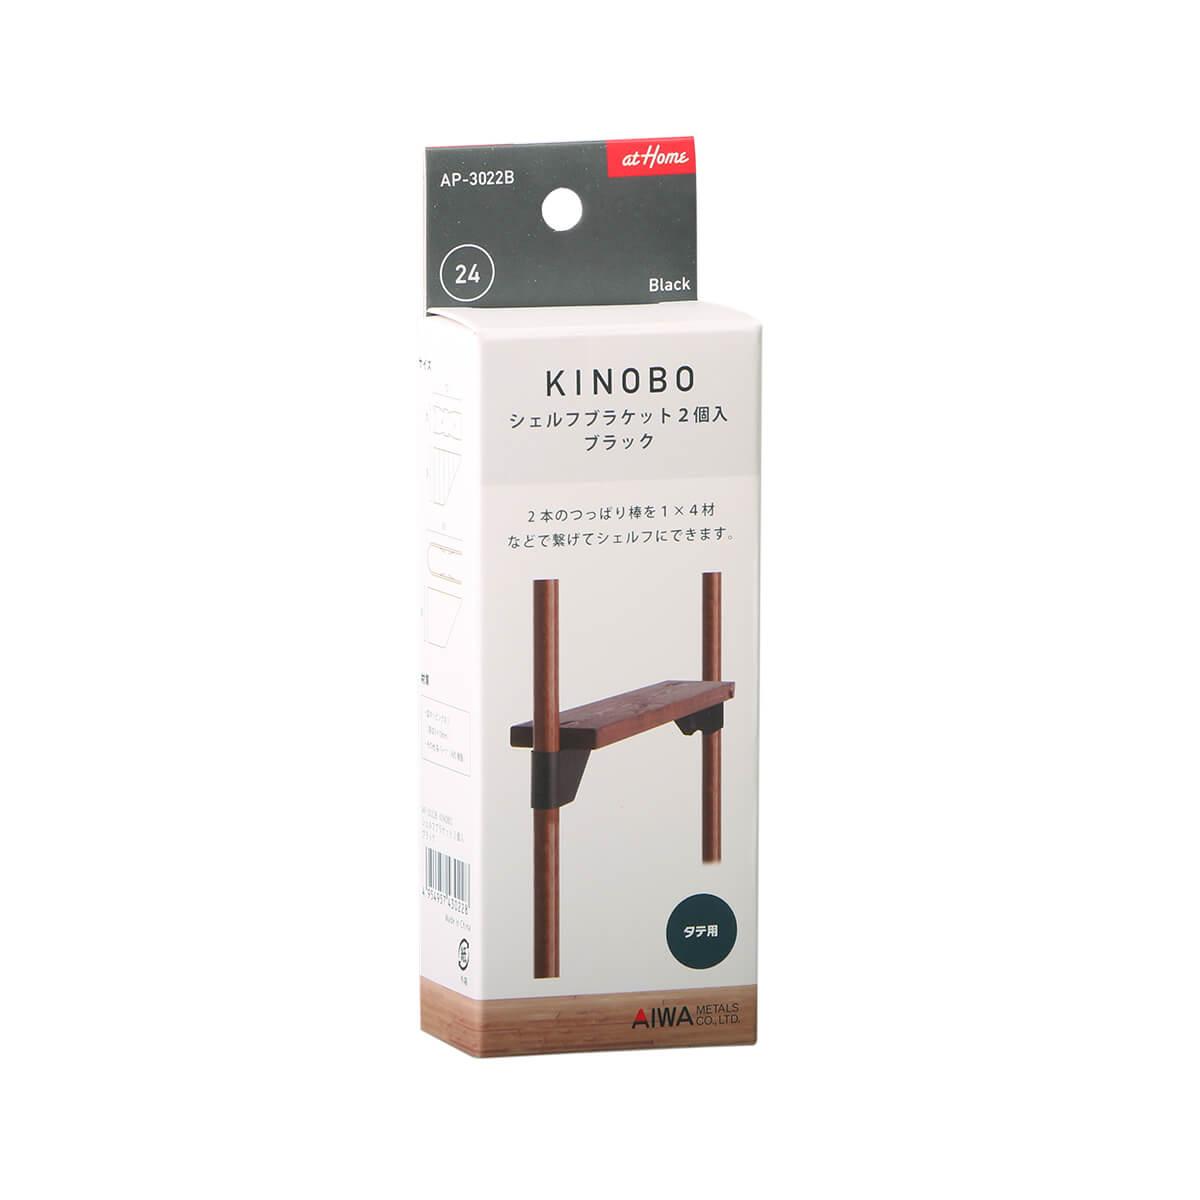 シェルフブラケット KINOBO用棚受 ブラック Φ24 1セット